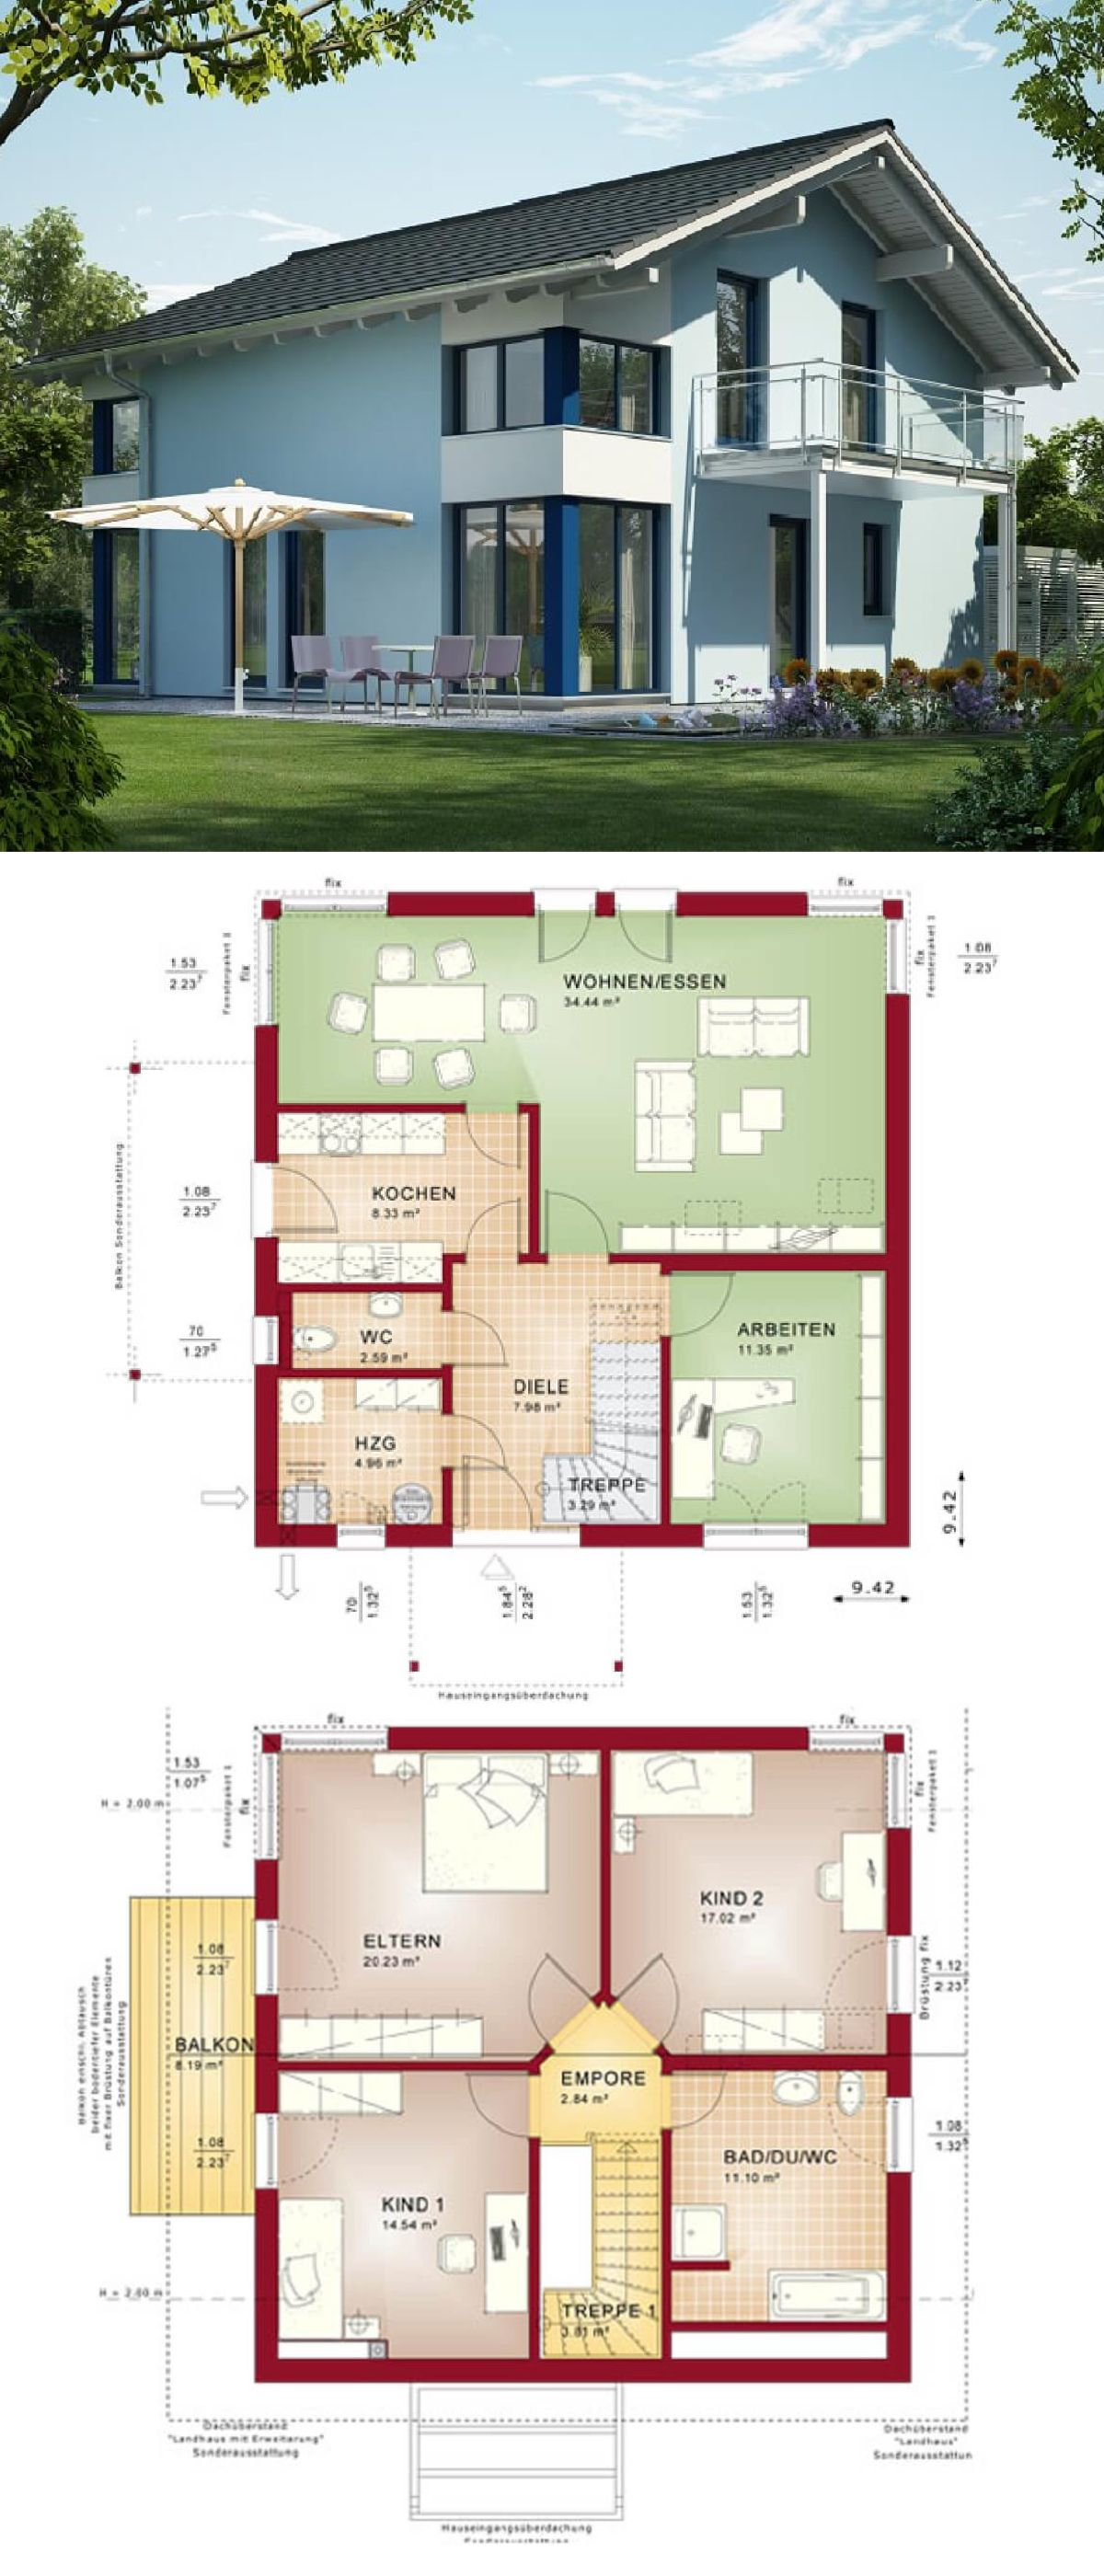 Hauspläne einfamilienhaus neubau  Einfamilienhaus Neubau modern mit Satteldach Architektur & Putz ...